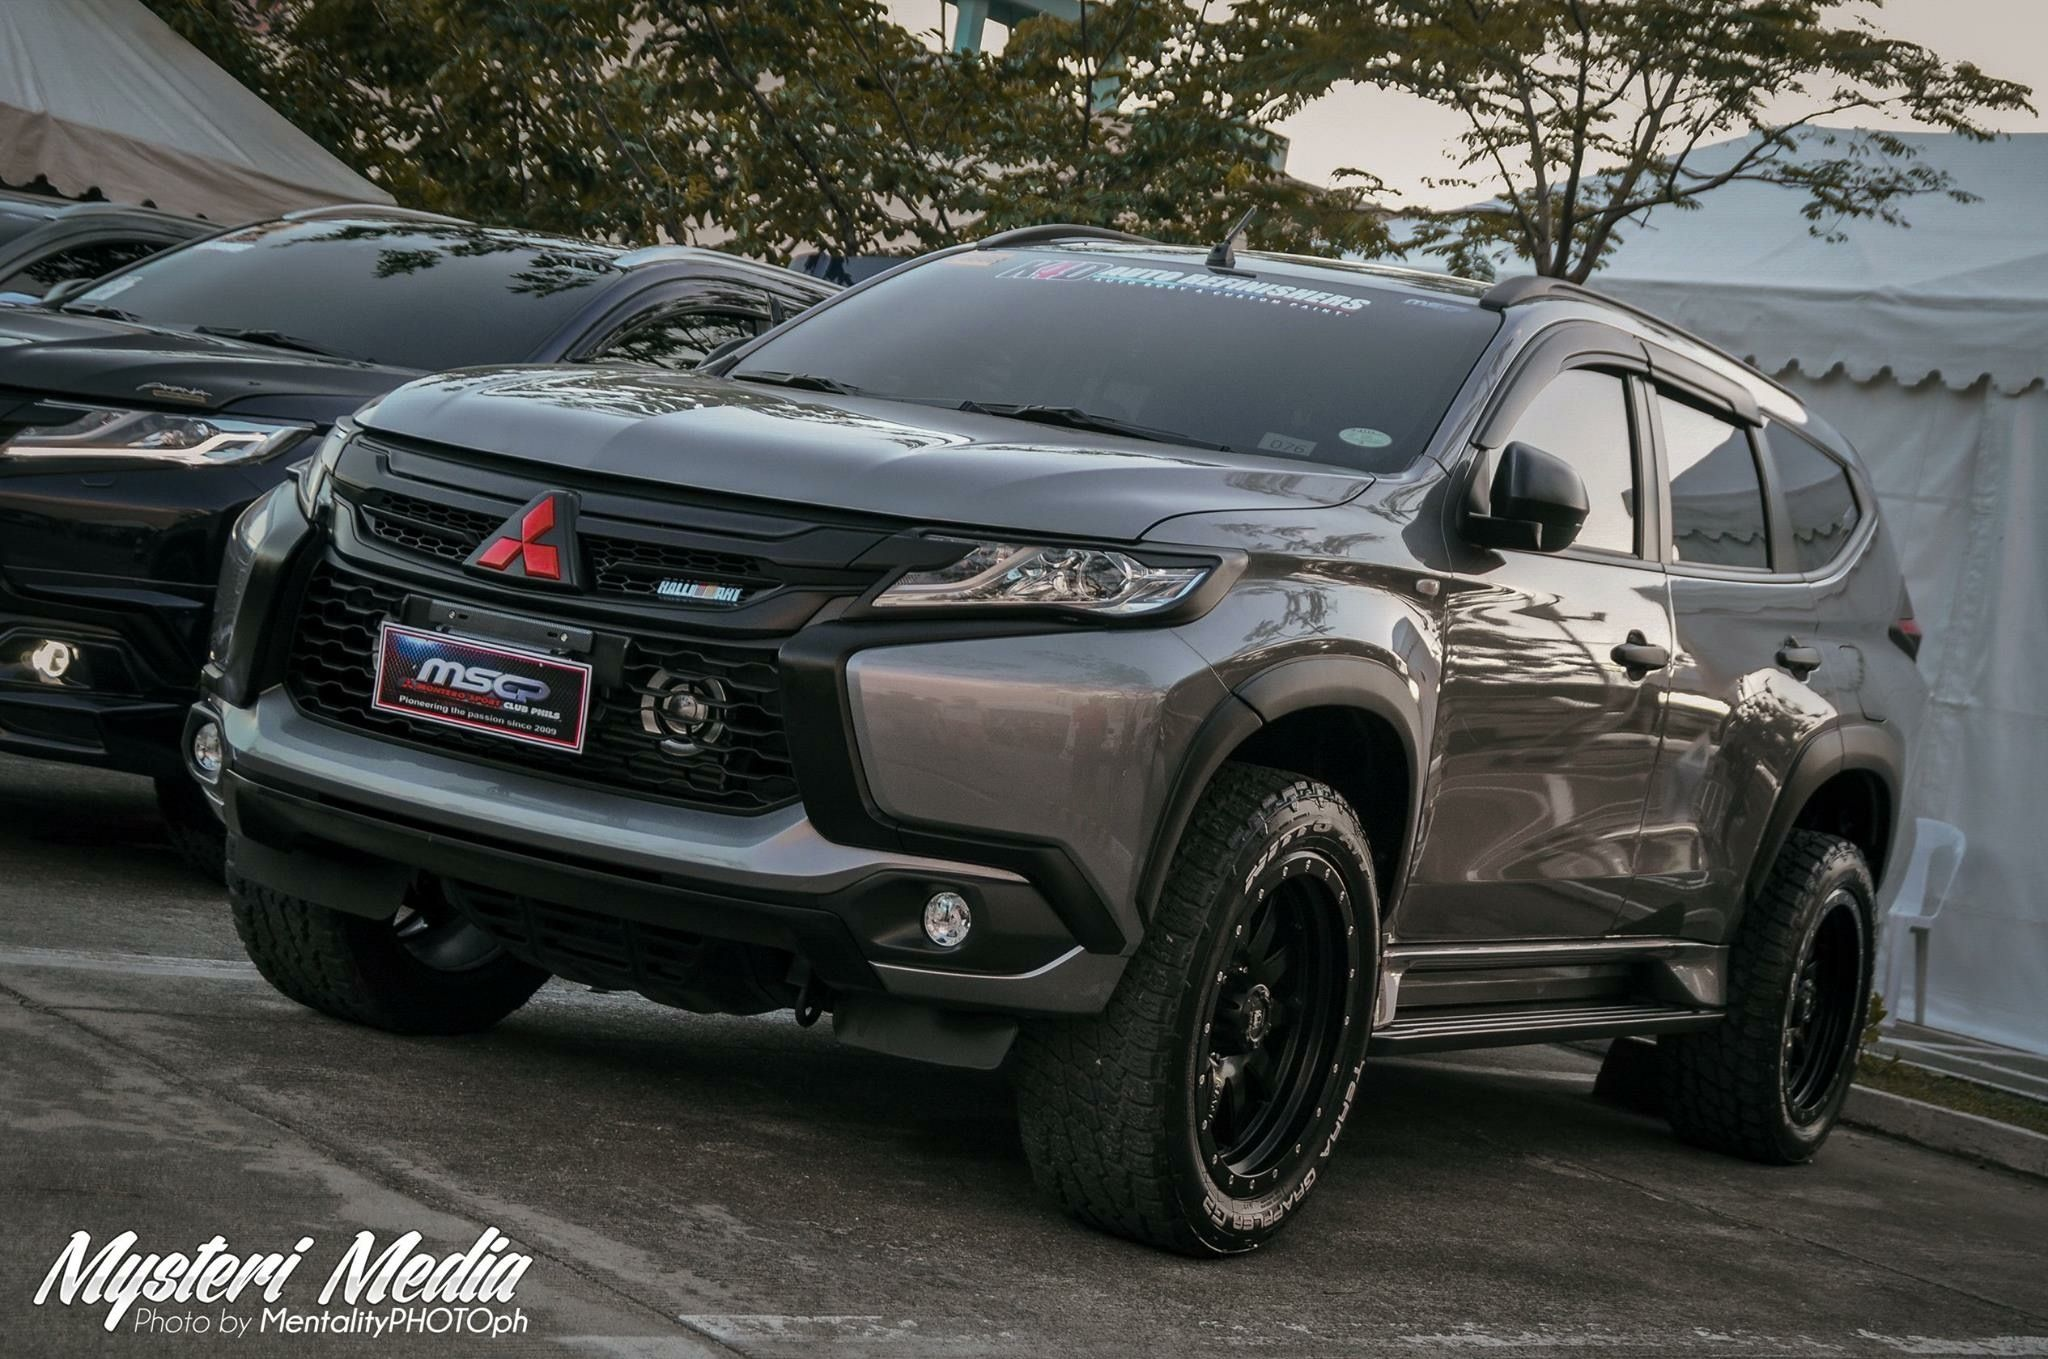 Mitsubishi Monterosport2017 Cars Suv Vnedorozhnyj Land Rover Zashitnik Dzhip